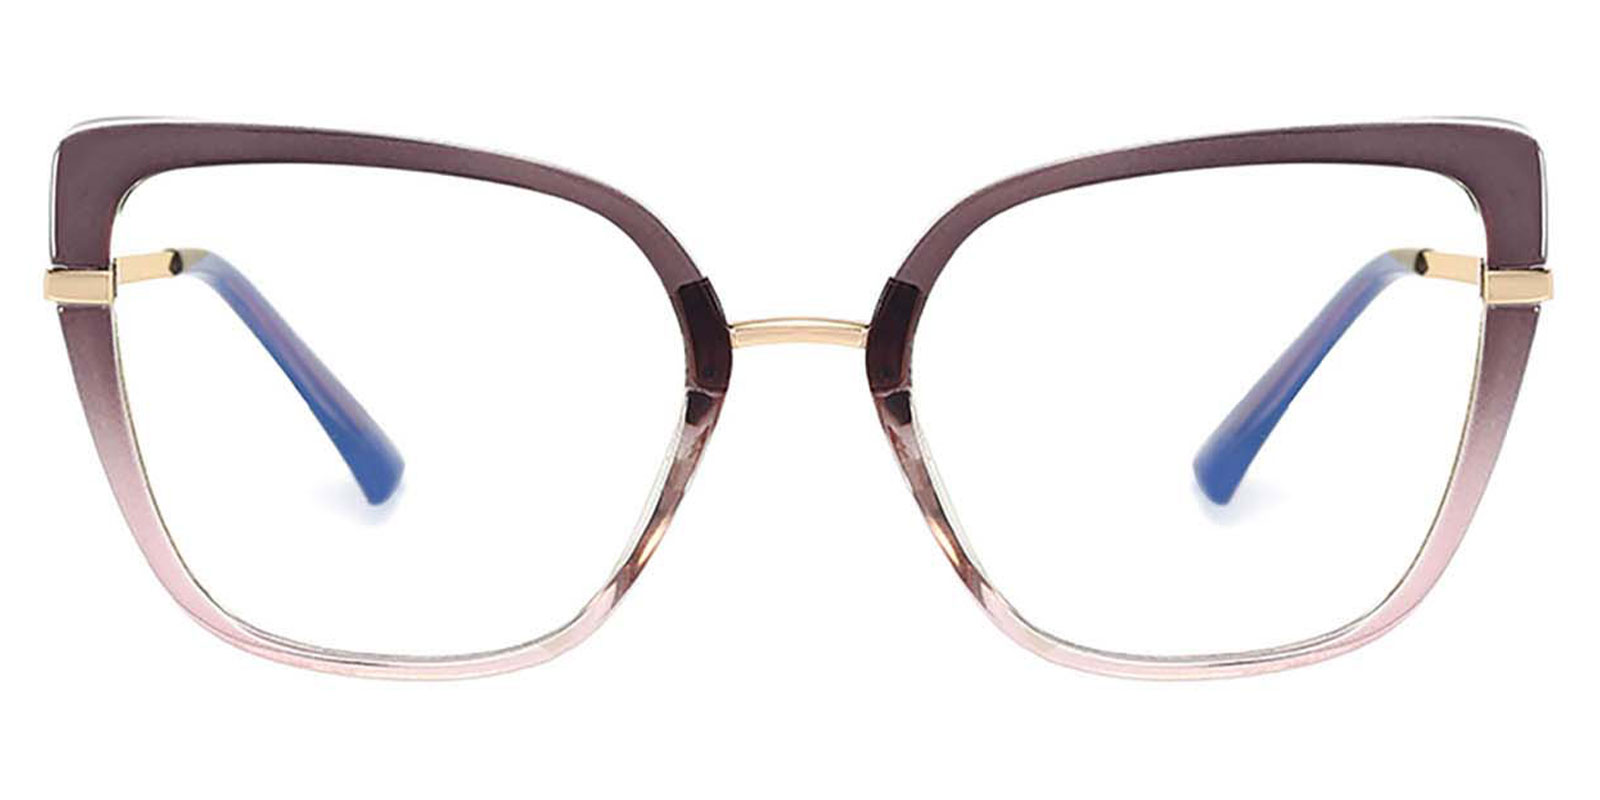 Leire-Elegant cat eye spring hinge glasses